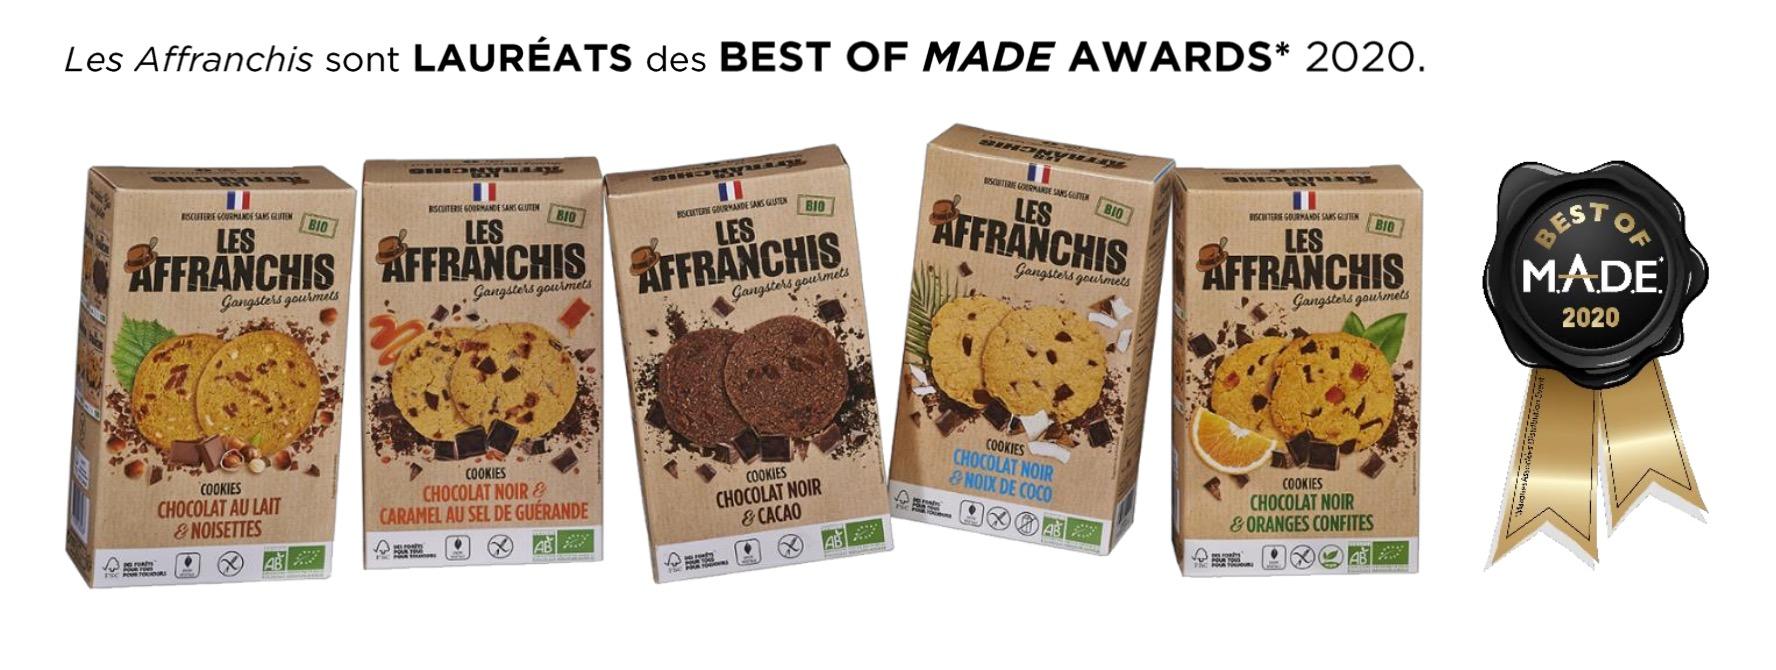 Capture decran 2020 09 02 a 11.56.26 - Les Affranchis lancent la première gamme de cookies bio sans gluten eco-responsables